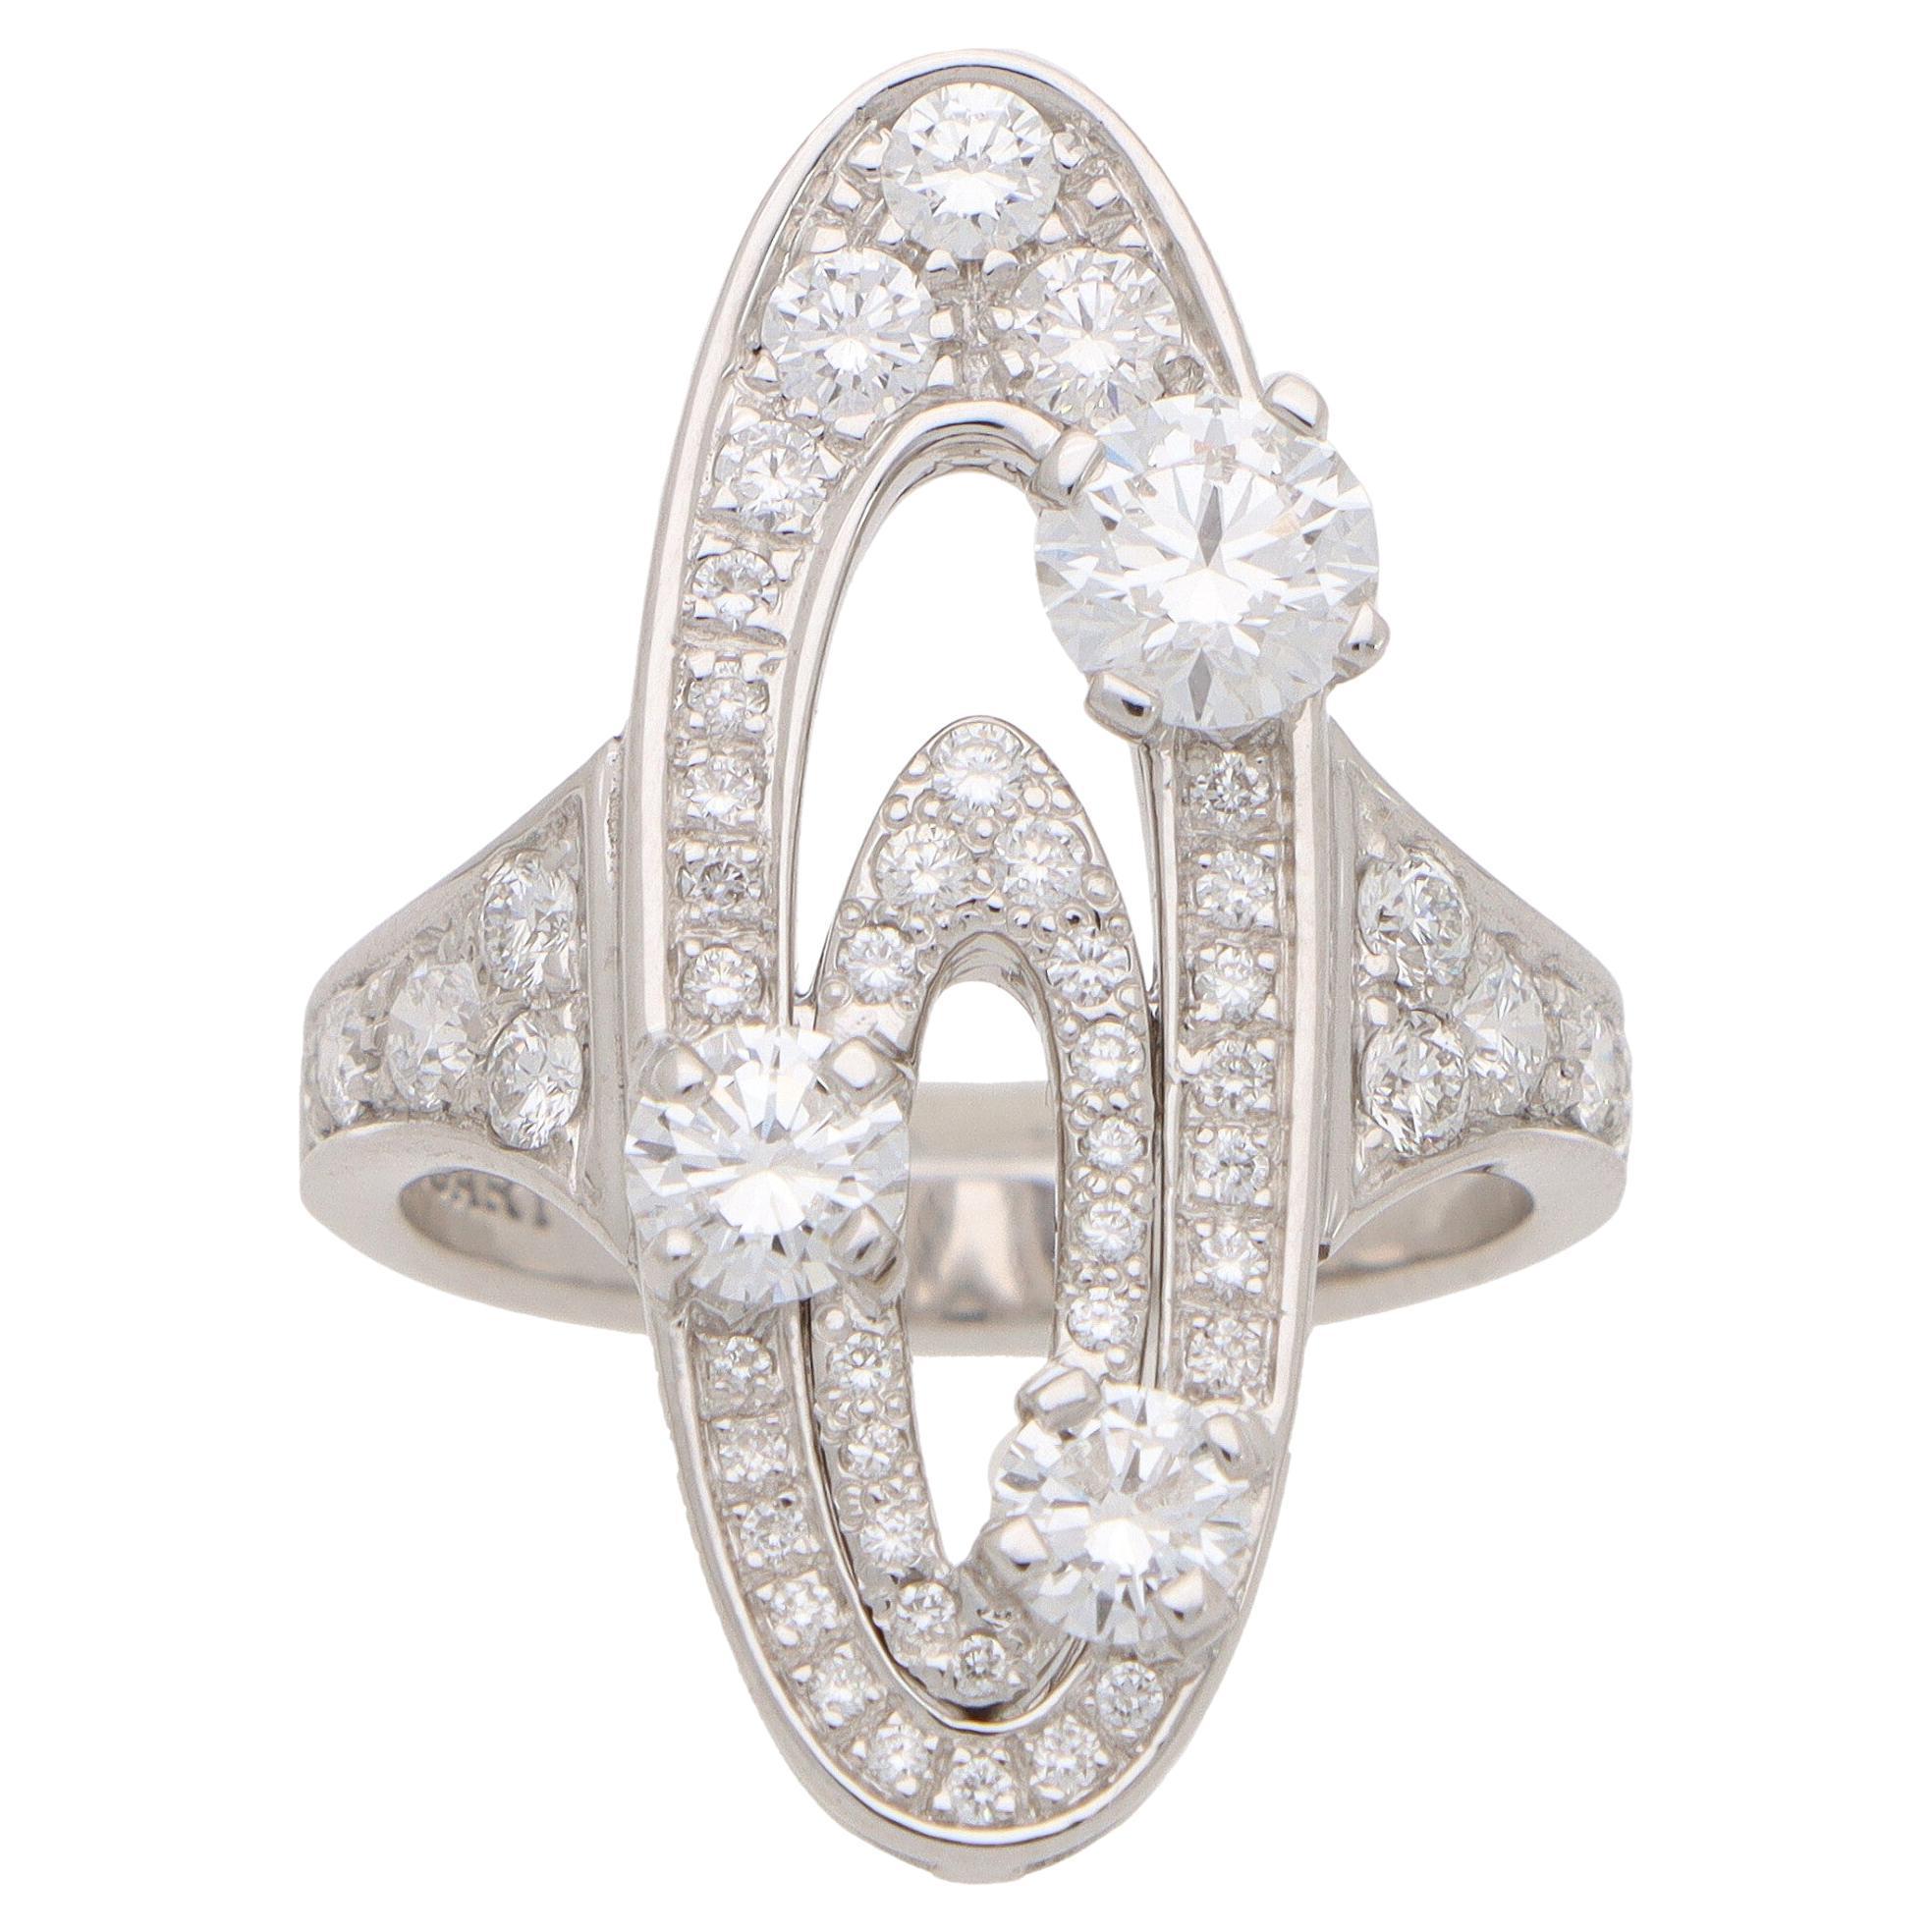 Vintage Bvlgari Elisia Diamond Cocktail Ring Set in 18k White Gold